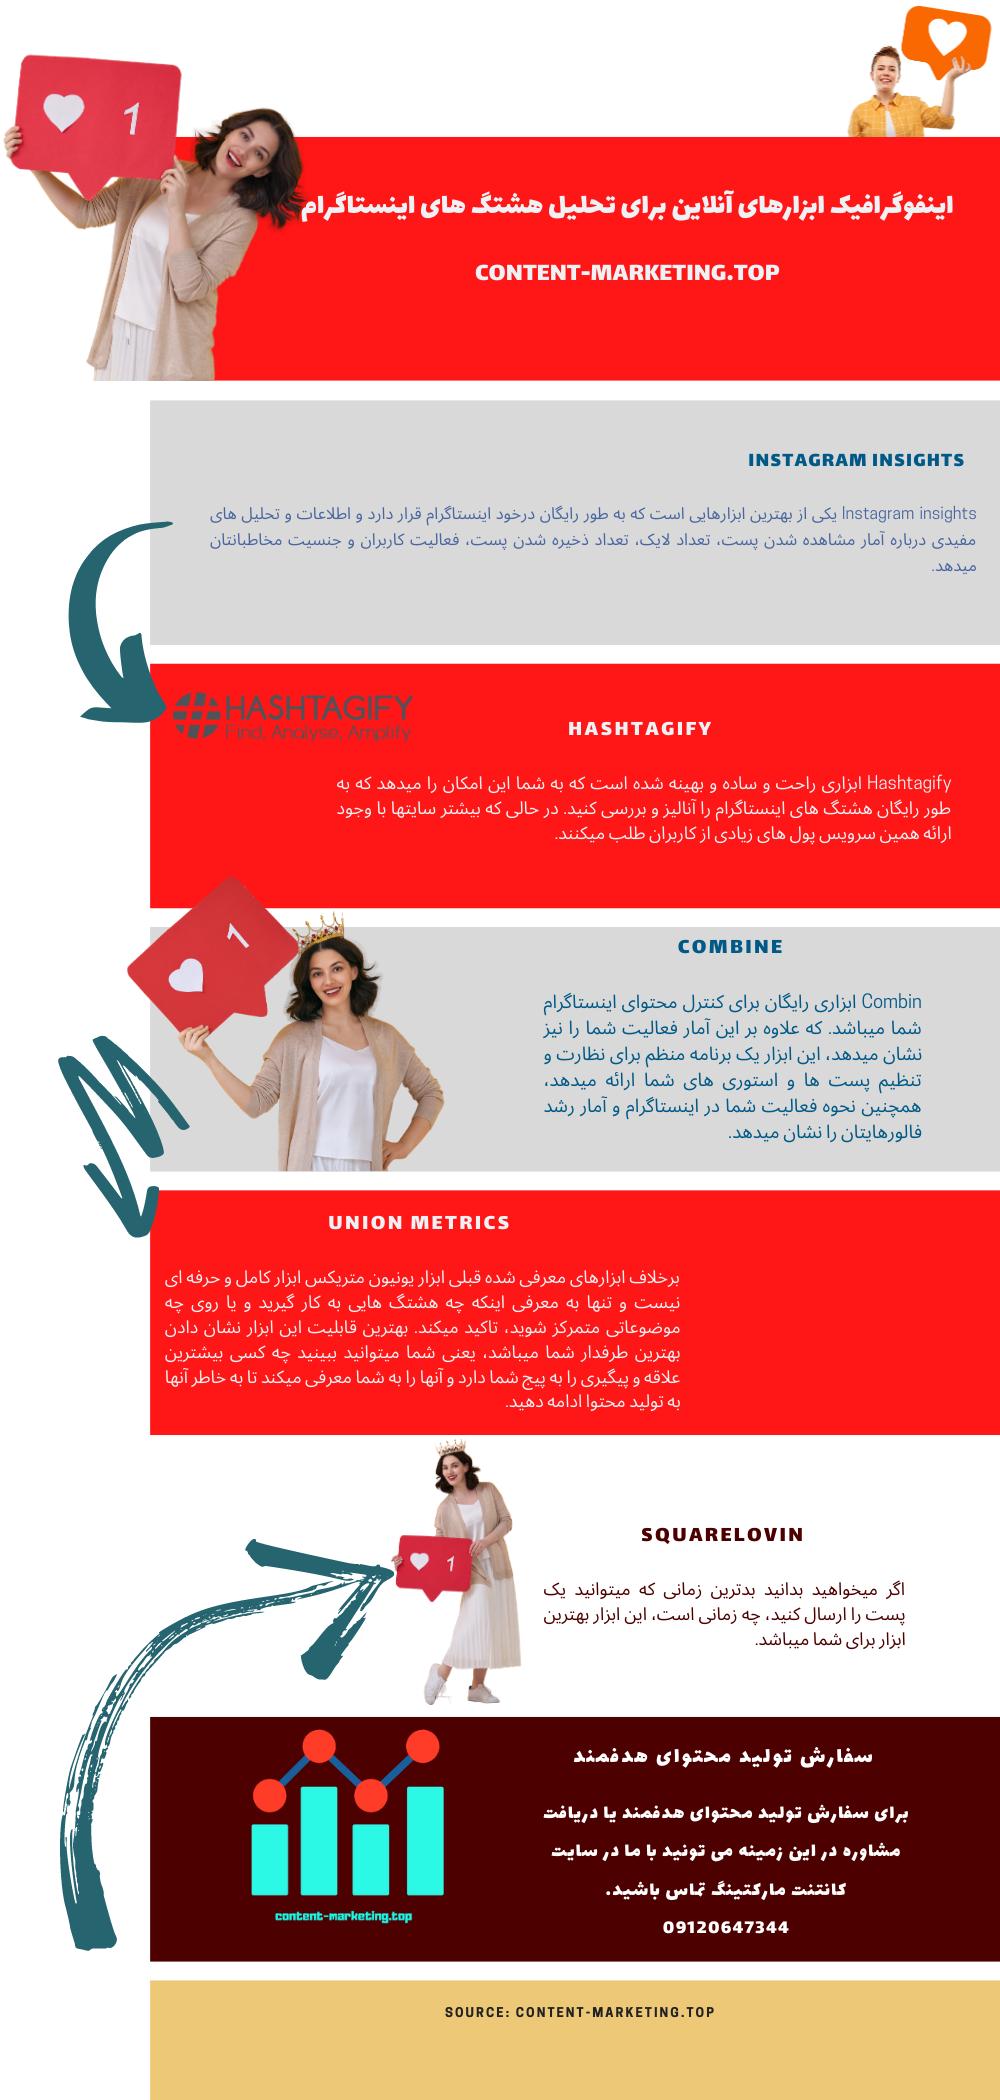 اینفوگرافیک ابزارهای آنلاین برای تحلیل هشتگ های اینستاگرام